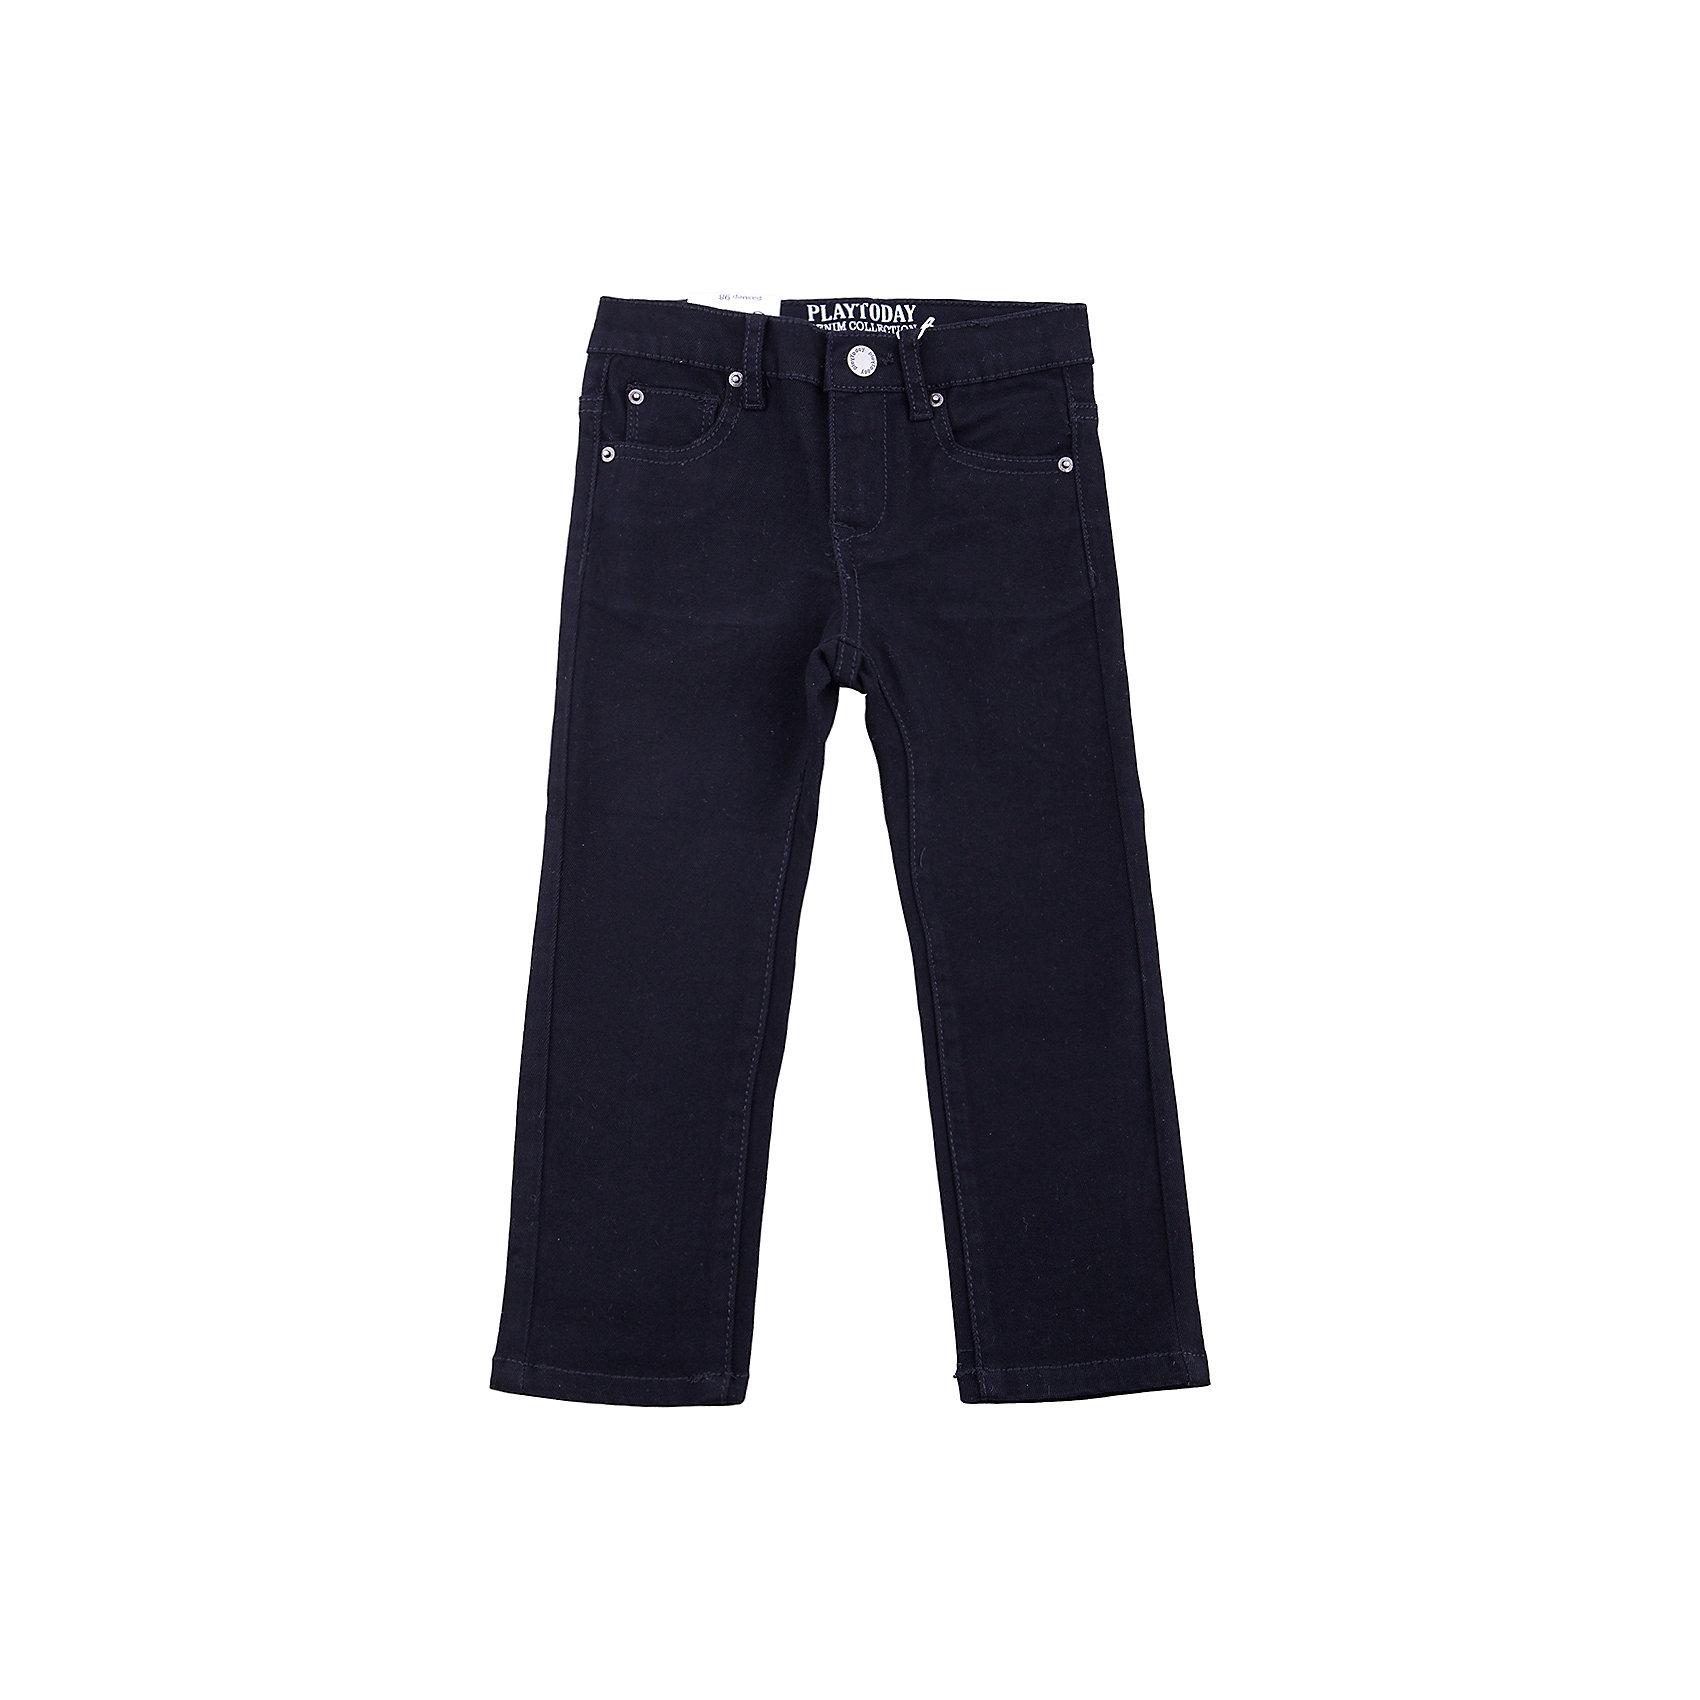 Джинсы PlayToday для мальчикаДжинсы<br>Джинсы PlayToday для мальчика<br>Брюки джинсы из натуральной хлопковой ткани. Классическая 5-ти карманная модель . Брюки со шлевками, при необходимости можно использовать ремень.<br>Состав:<br>97% хлопок, 3% эластан<br><br>Ширина мм: 215<br>Глубина мм: 88<br>Высота мм: 191<br>Вес г: 336<br>Цвет: черный<br>Возраст от месяцев: 84<br>Возраст до месяцев: 96<br>Пол: Мужской<br>Возраст: Детский<br>Размер: 128,98,104,110,116,122<br>SKU: 7110695